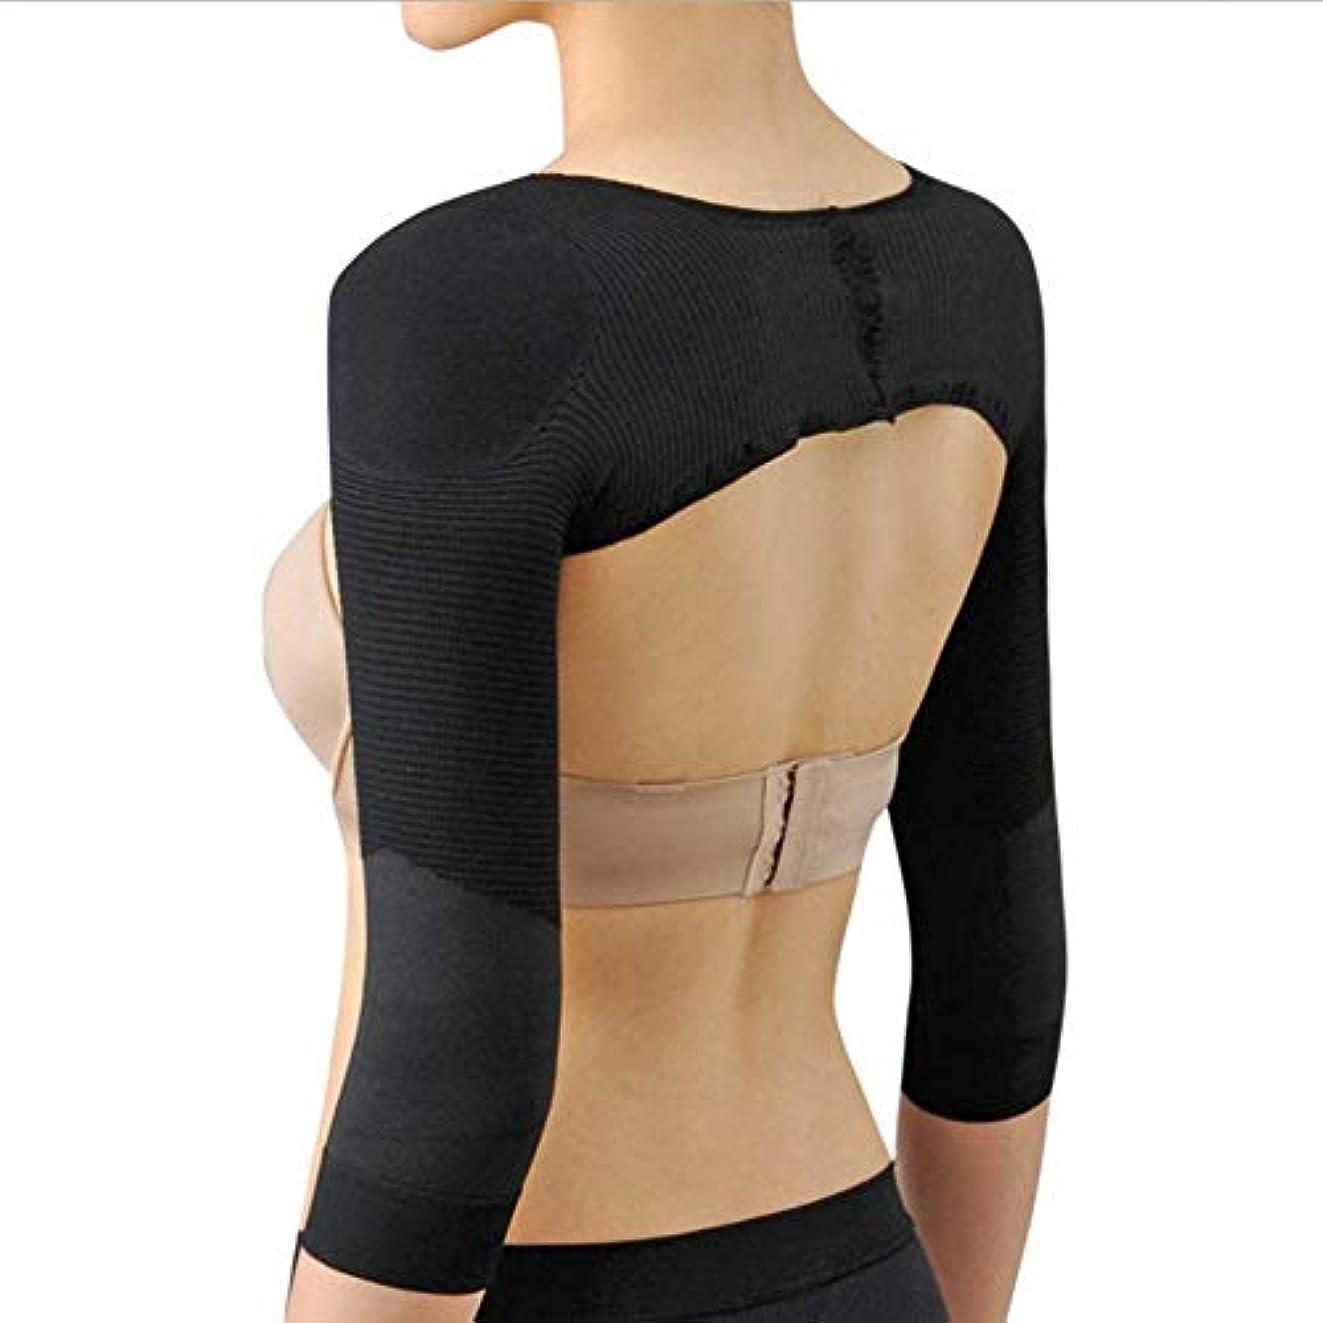 留まる実際に測定可能二の腕 シェイプケア 姿勢 矯正 補正下着 補正インナー 二の腕痩せ 二の腕シェイパー (黒, XL)